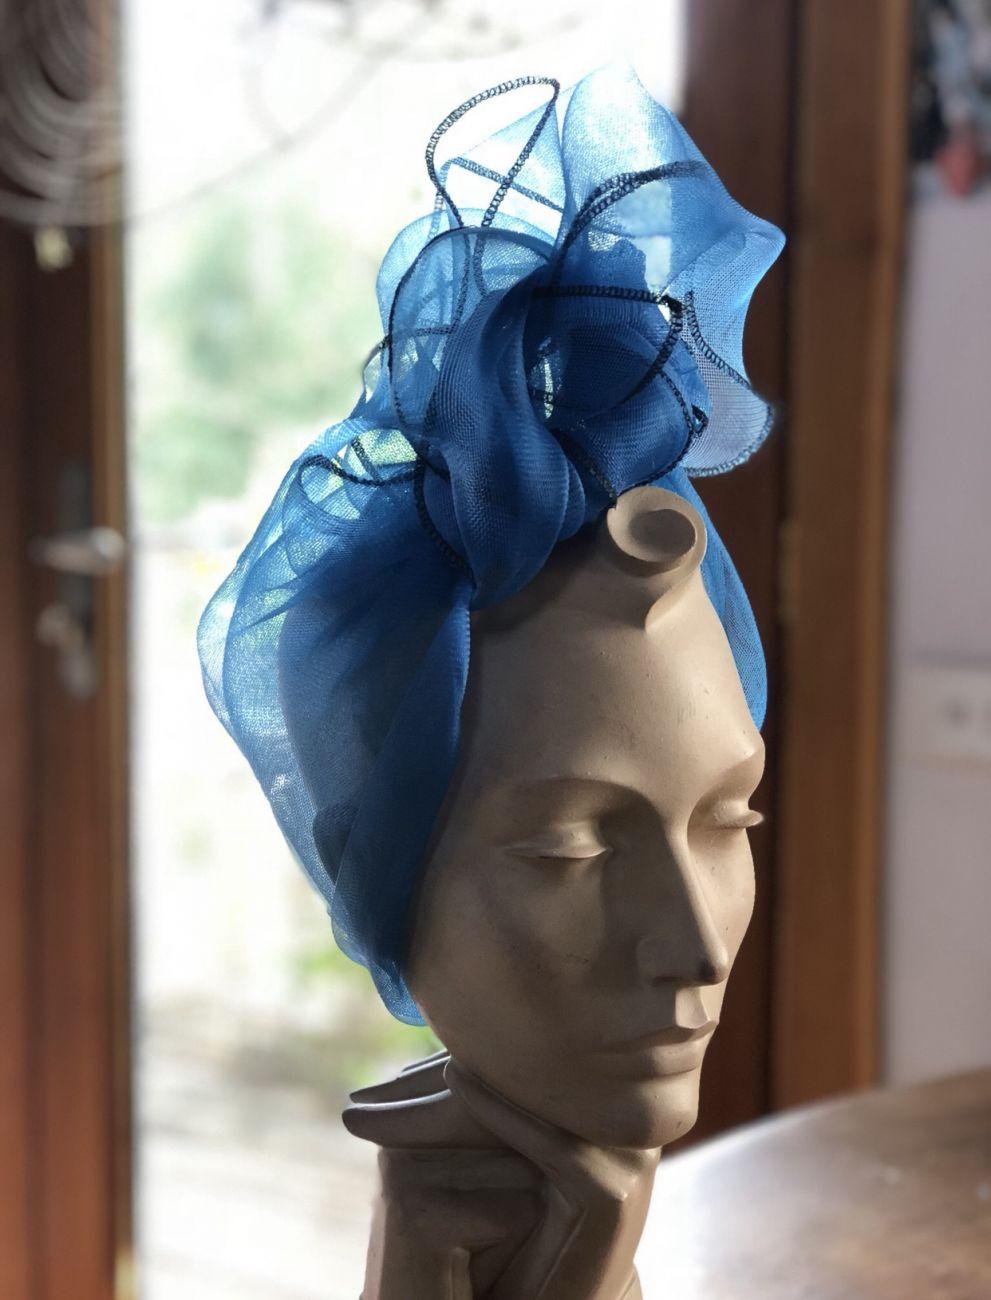 Blue crinoline turban by Waltraud Reiner